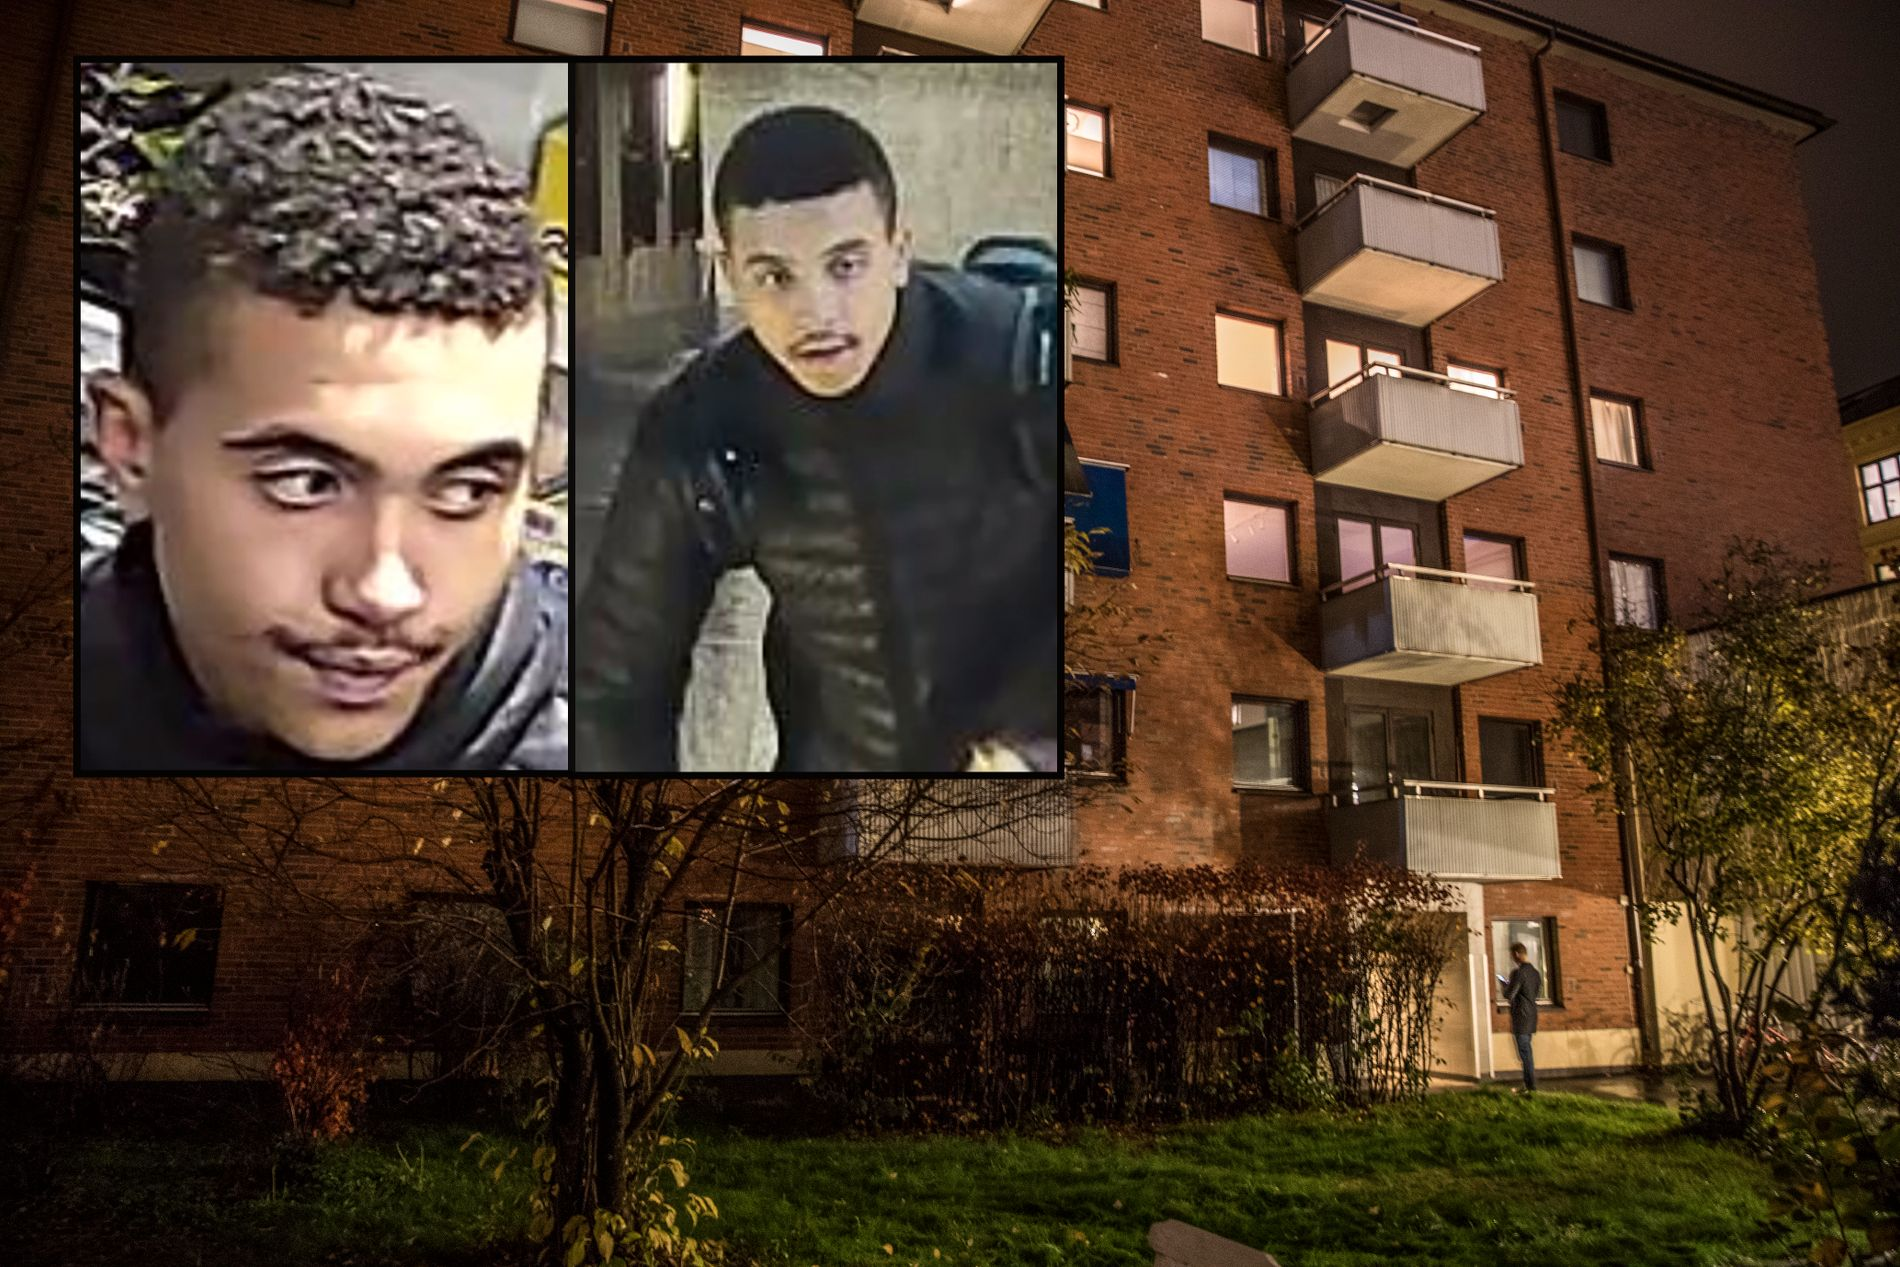 INTERNASJONALT ETTERLYST: 20 år gamle Makaveli Lindén fra Uppsala siktet for drapet på Heikki Paltto og etterlyst gjennom Interpol.